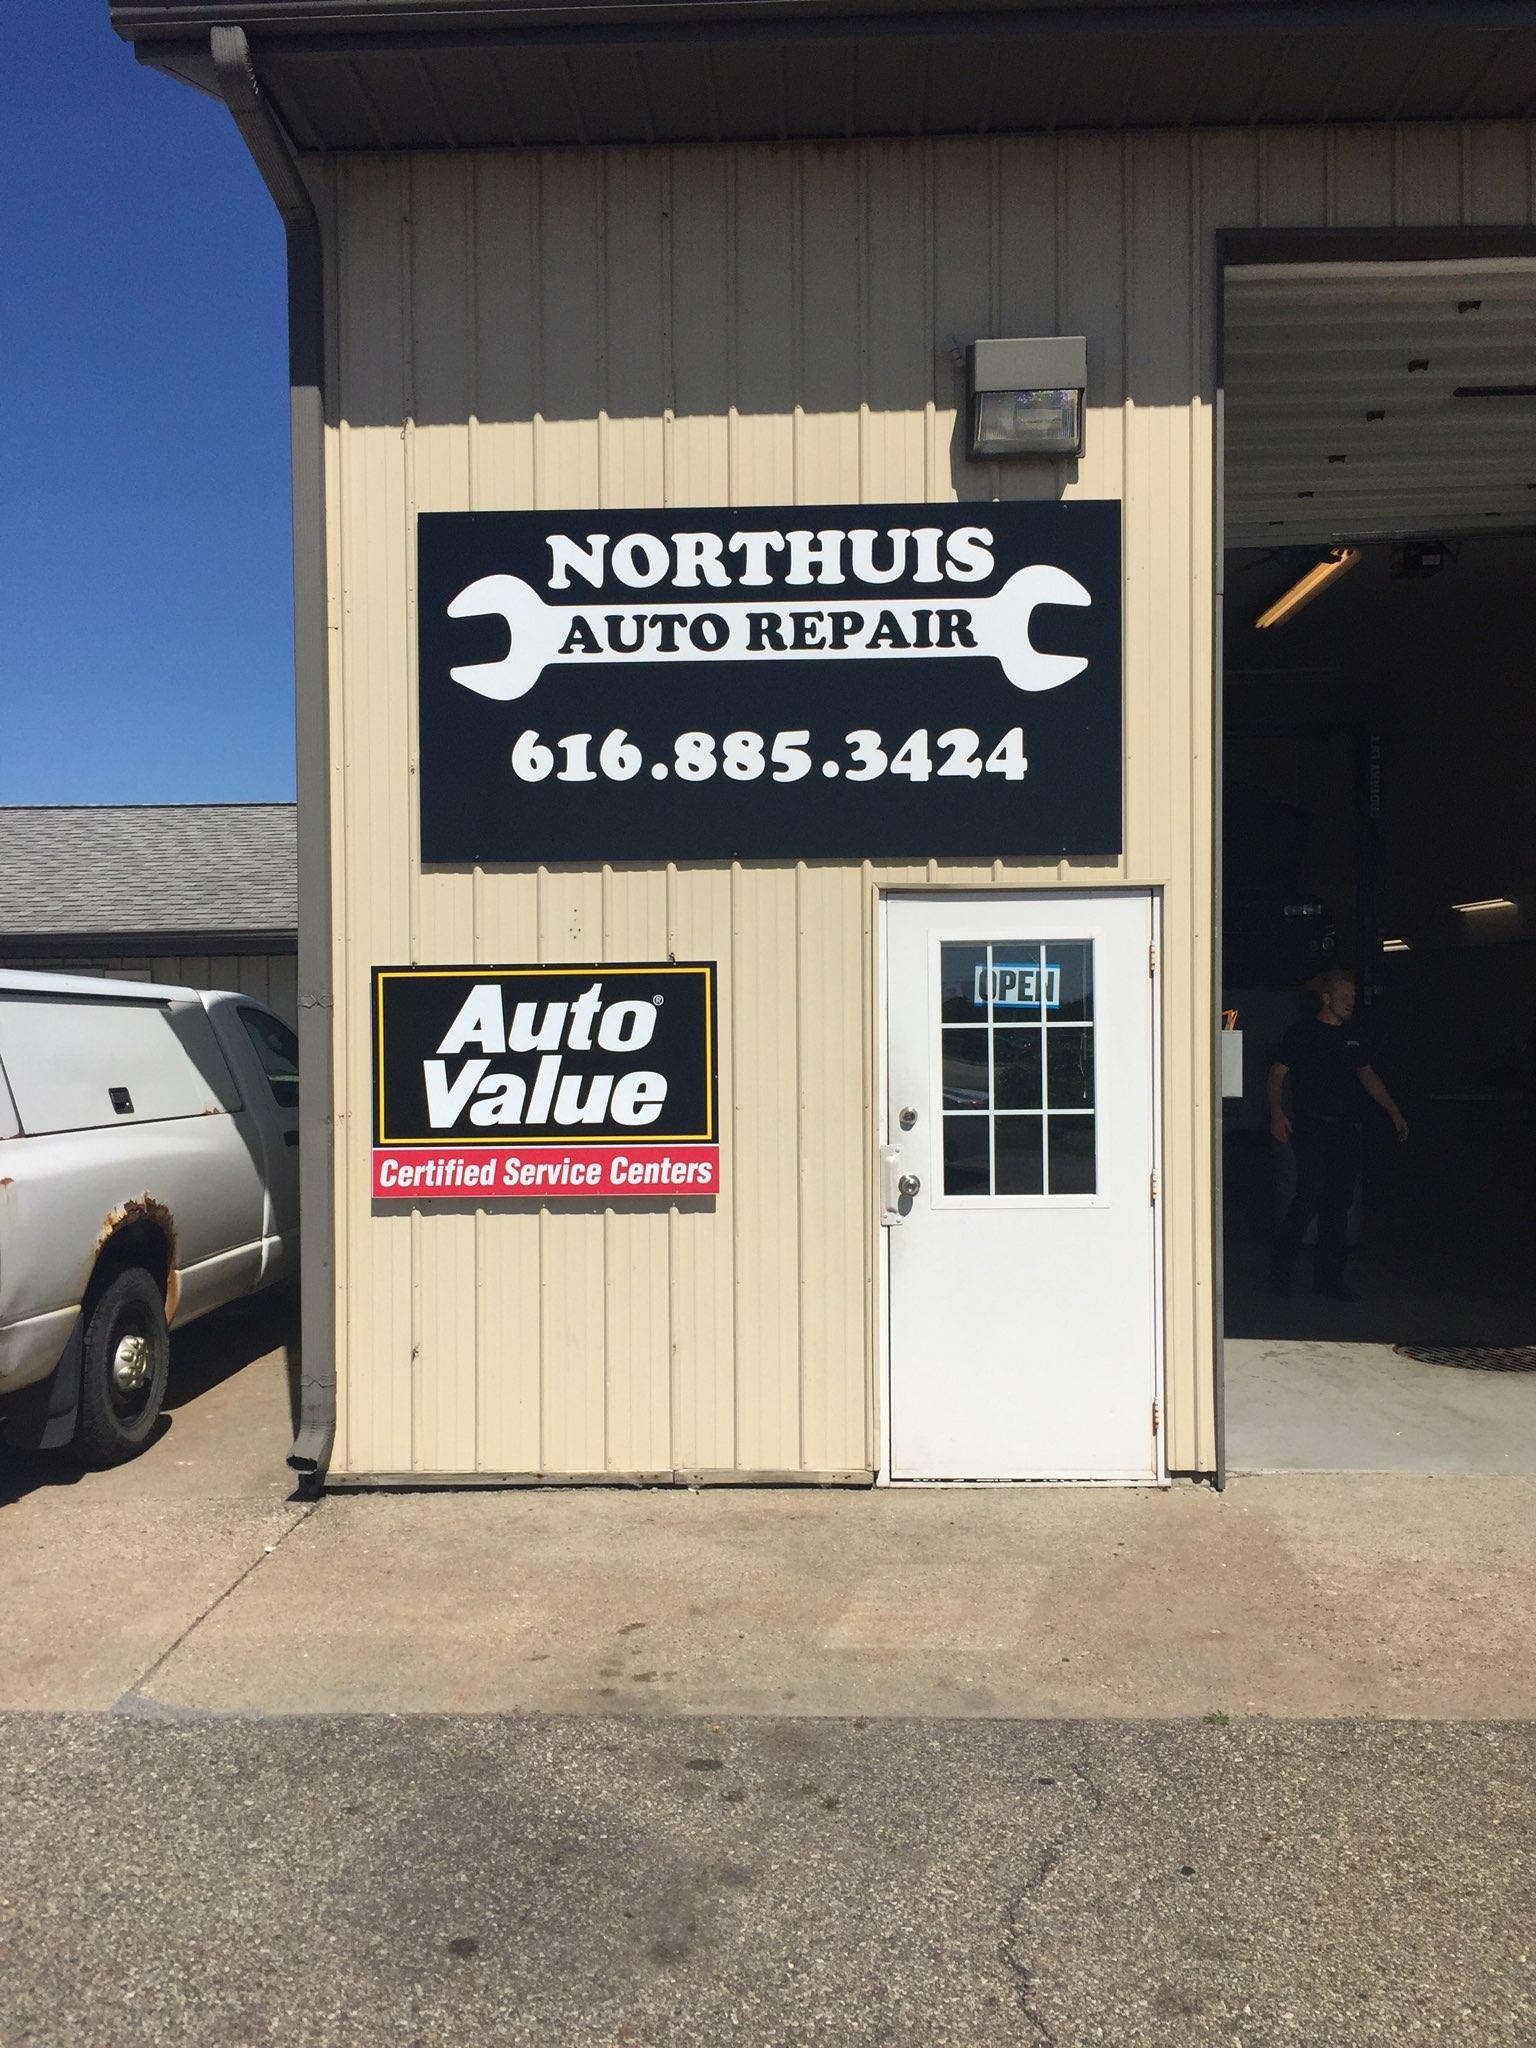 Northuis Auto Repair